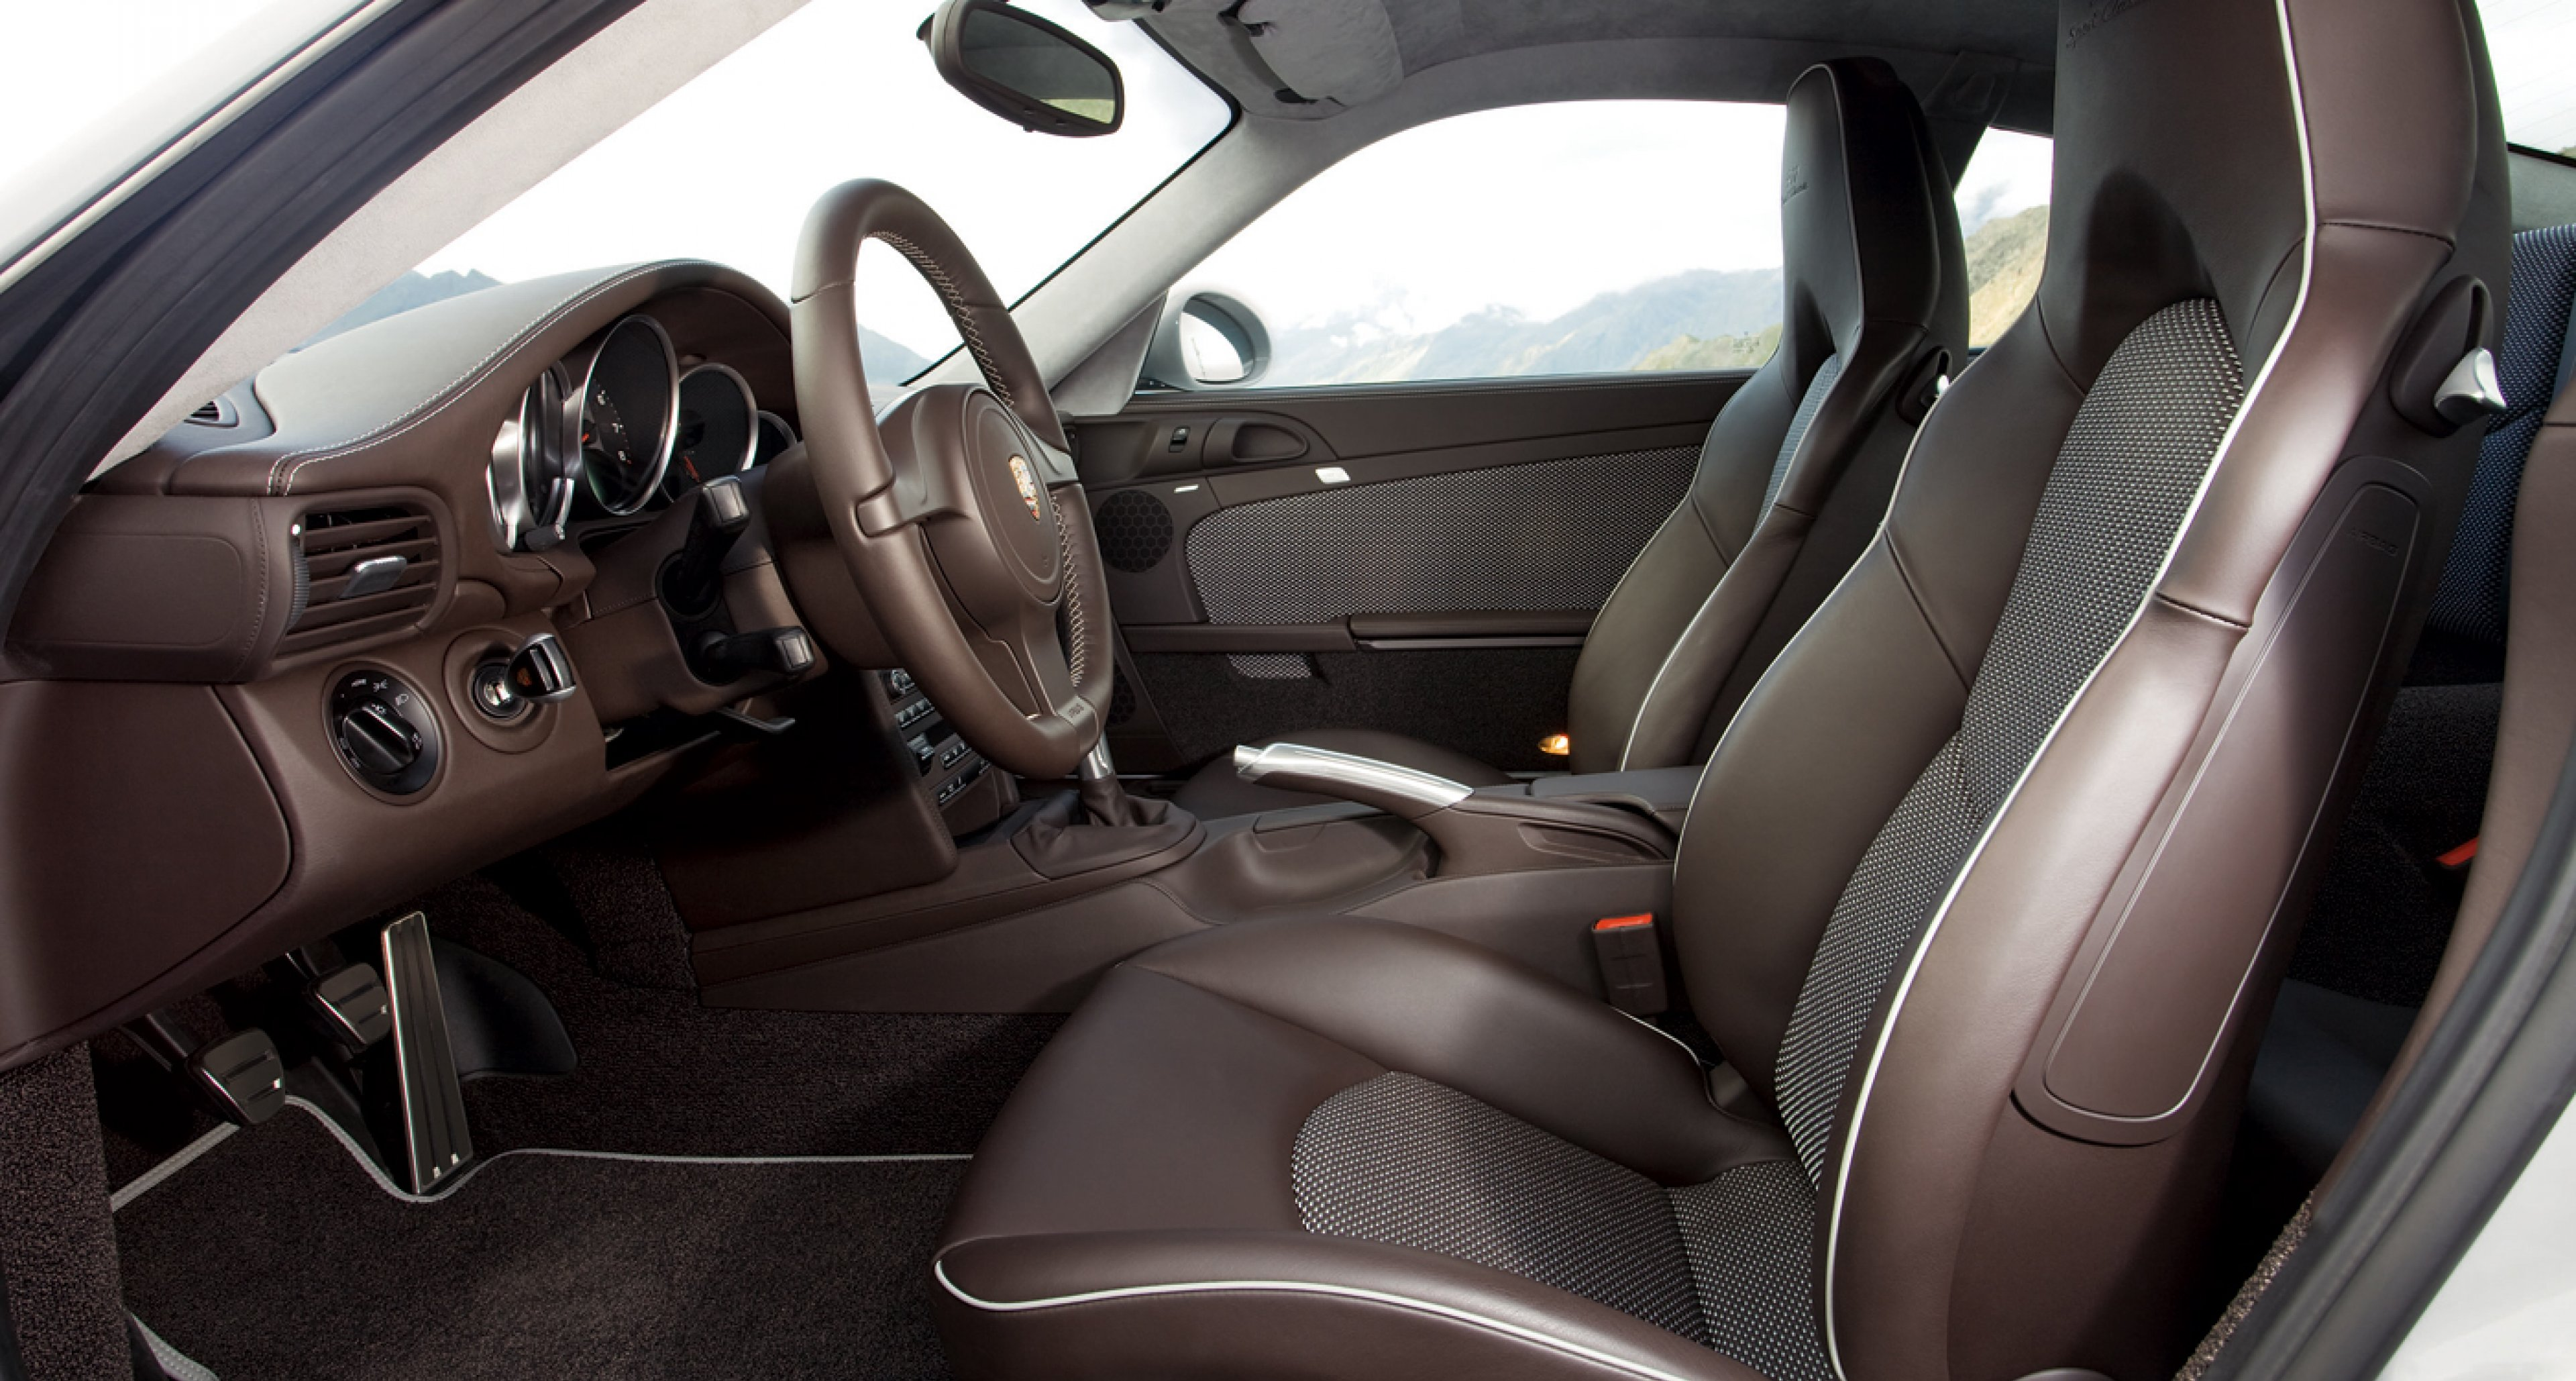 Retro interior inside the limited-edition 2010 Porsche 911 Sport Classic.